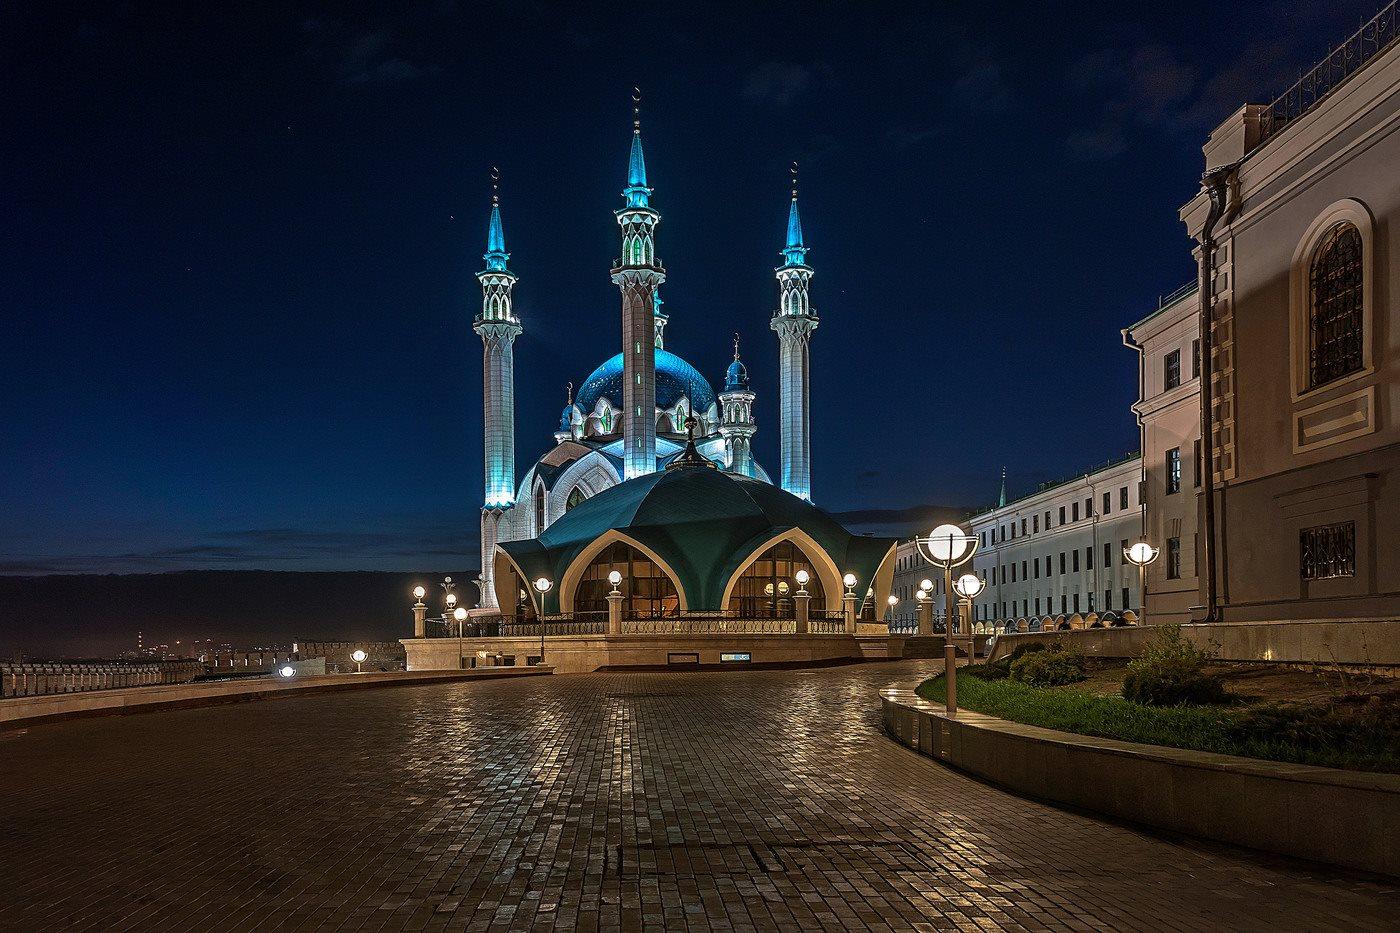 mosques taraweeh qolsarf